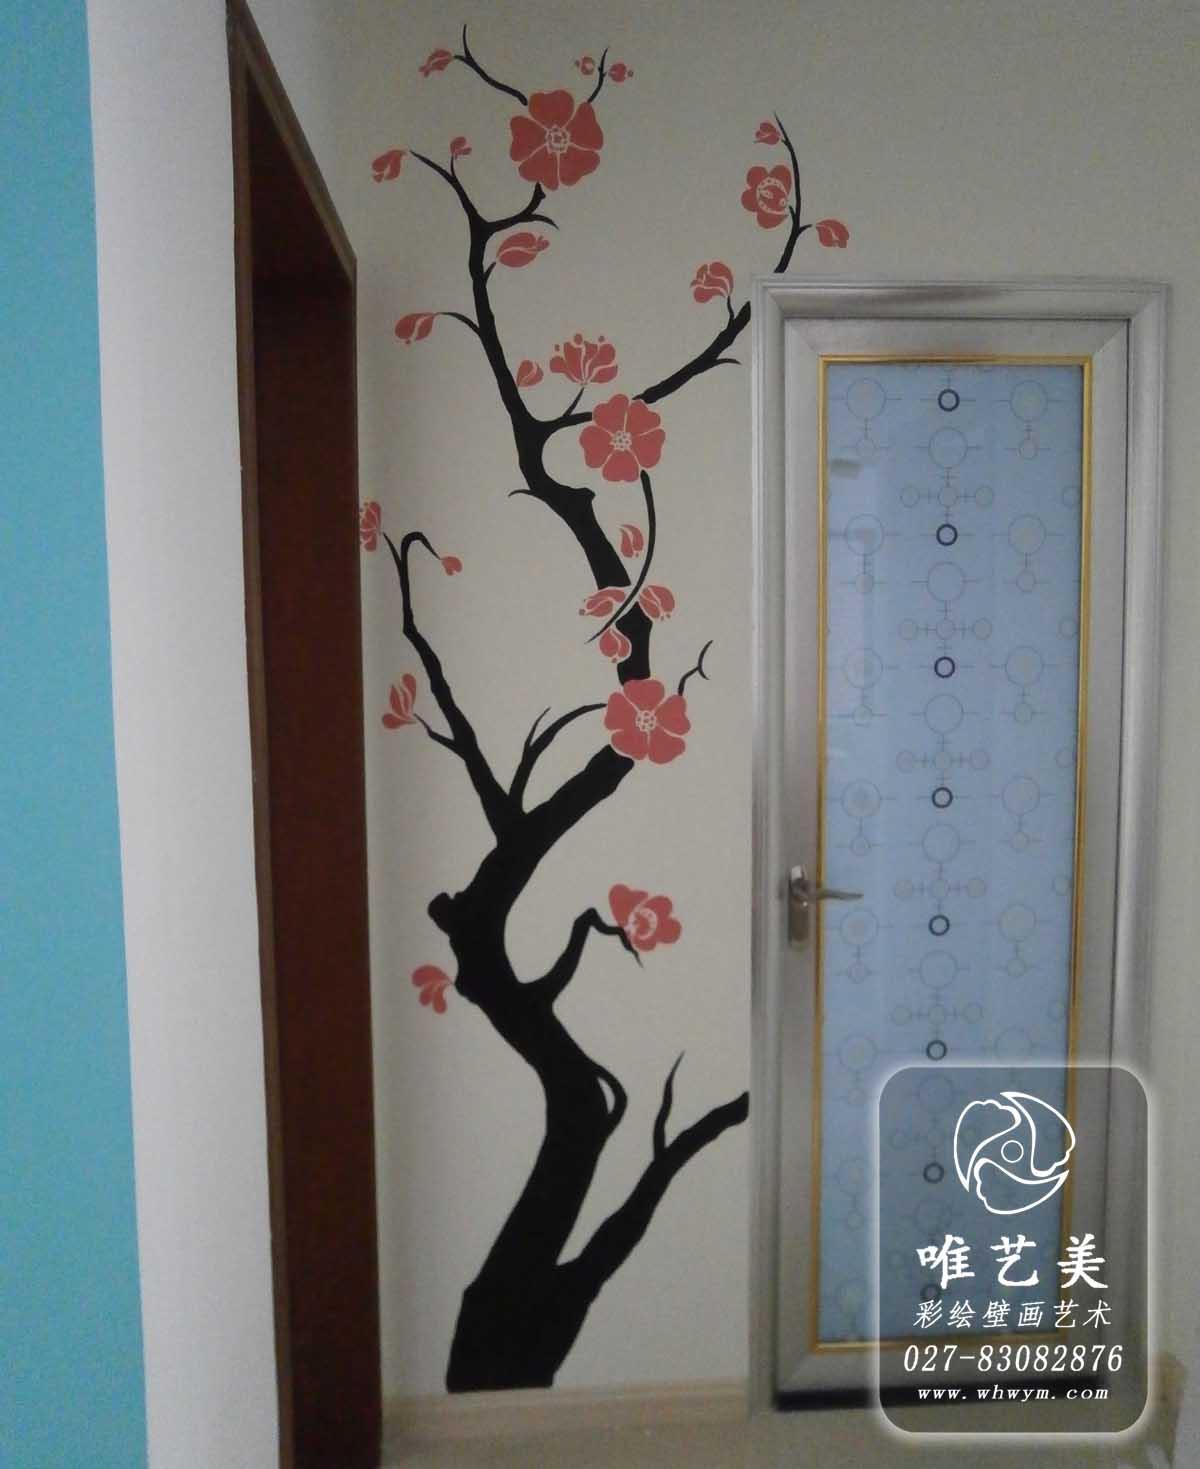 墙绘公司--江南壁画艺术工作室 幼儿园边框装饰图片展示_幼儿园边框